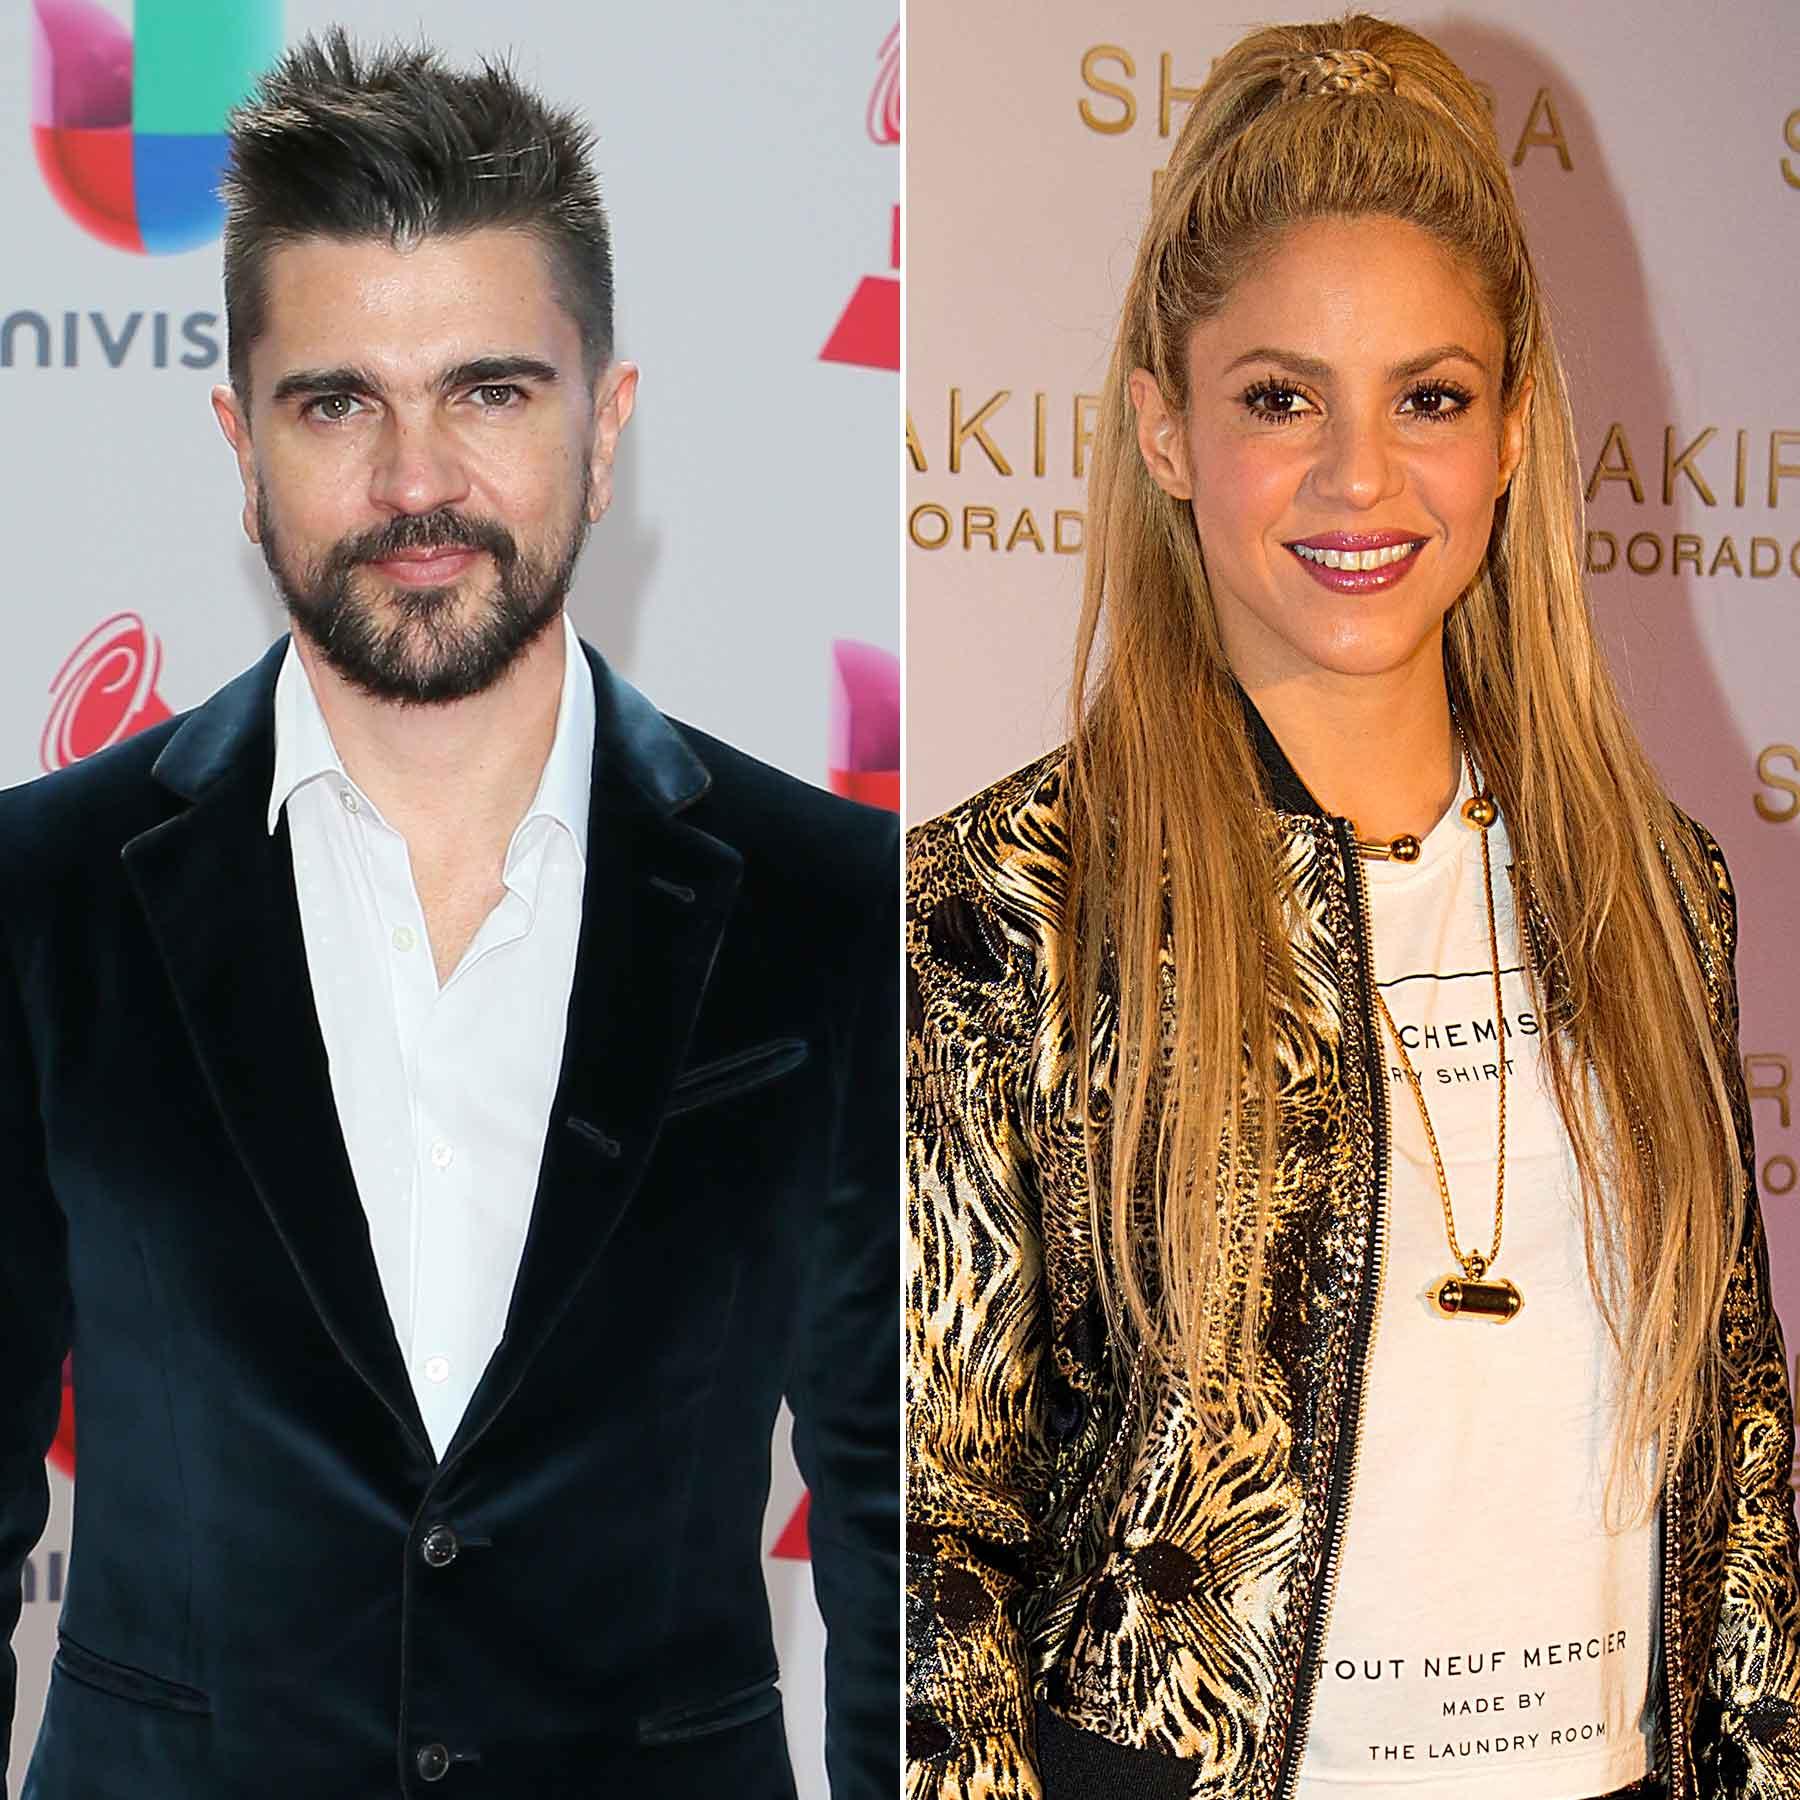 Juanes, Shakira